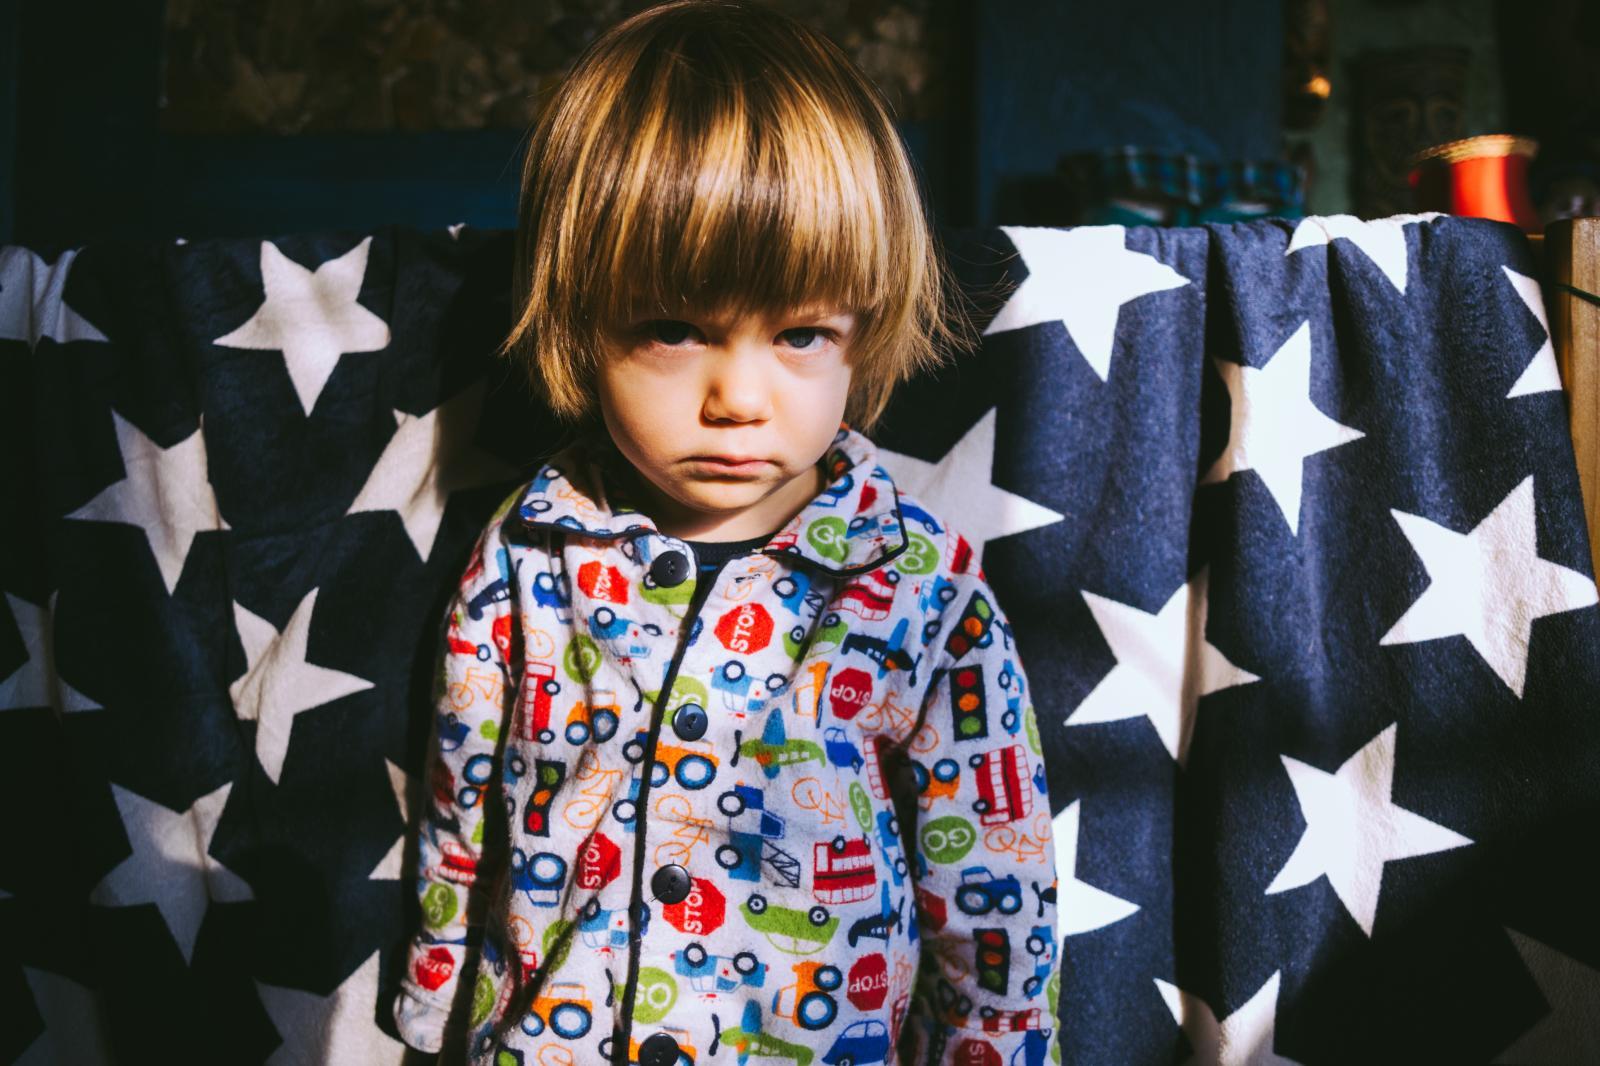 Ovaj je problem češći kod dječaka, a zbog osjećaja ljutnje i srama kod djece, roditelji ne bi trebali čekati da se riješi sam od sebe.